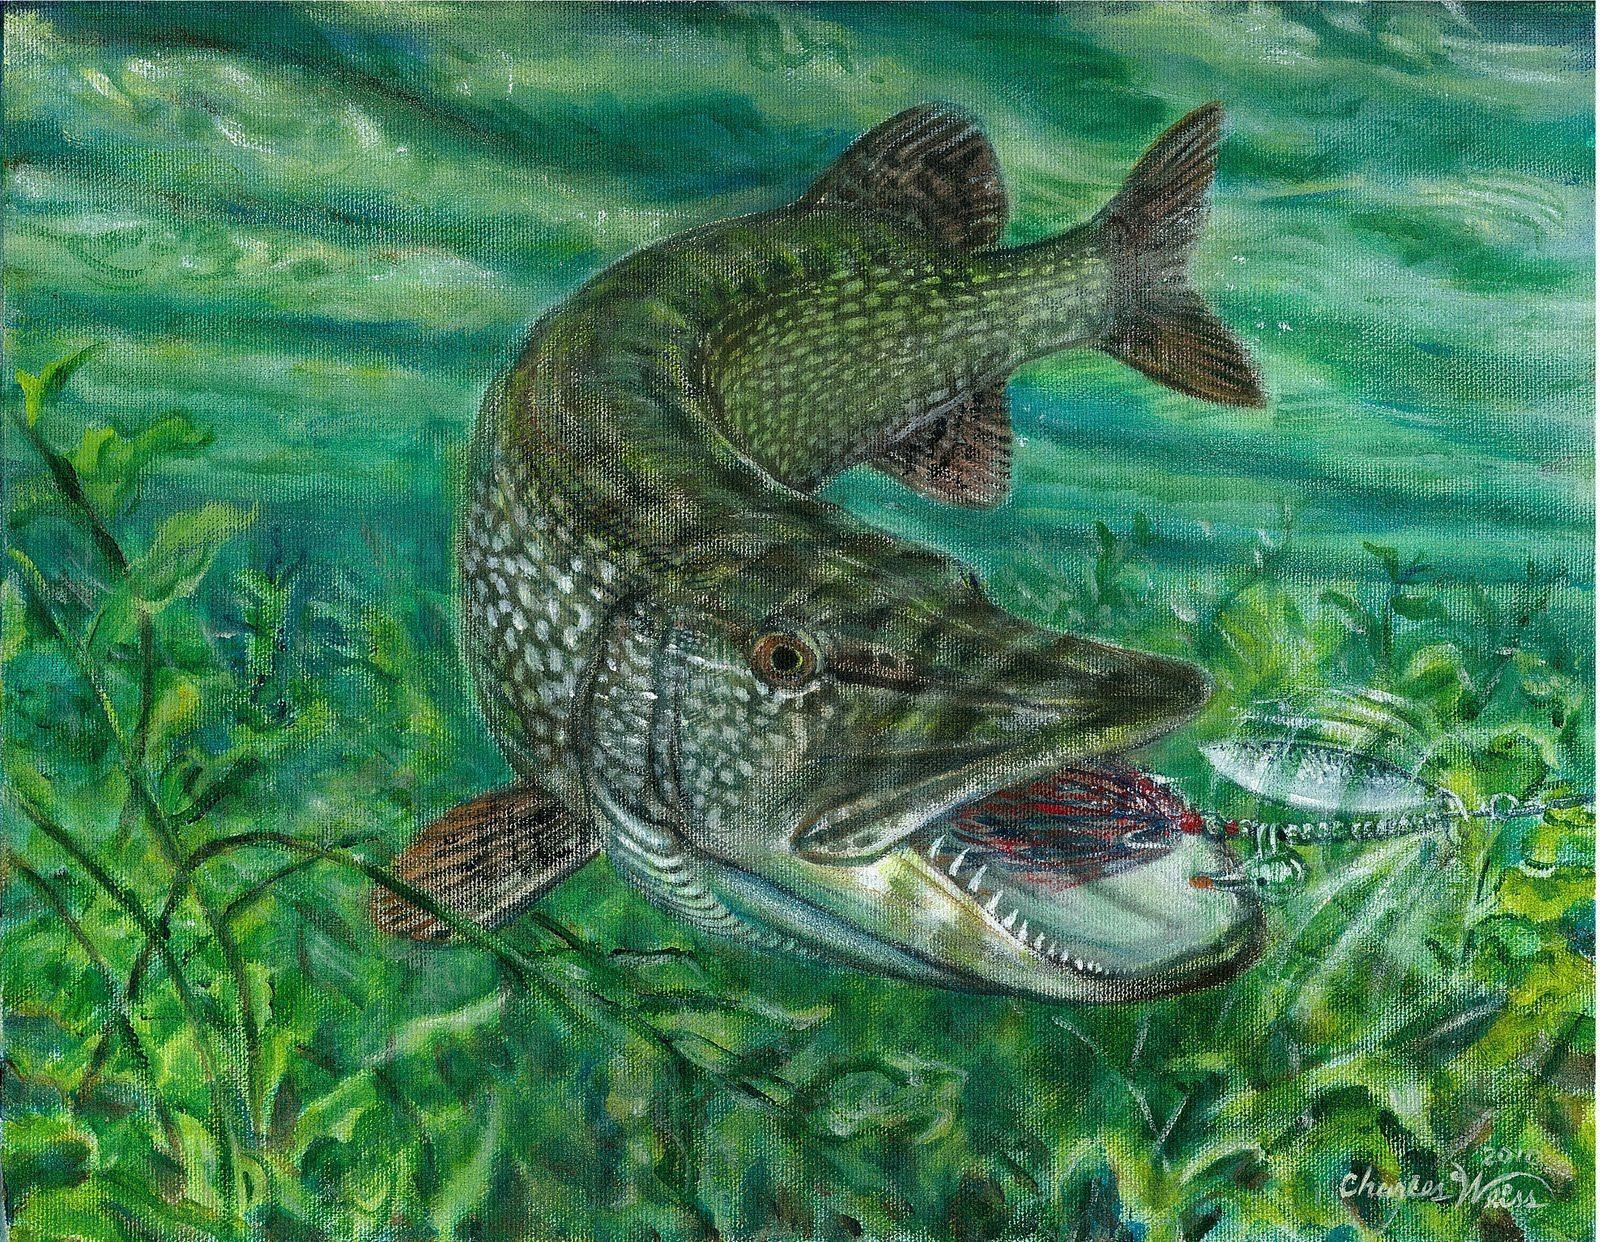 Pin on fish 1600x1242